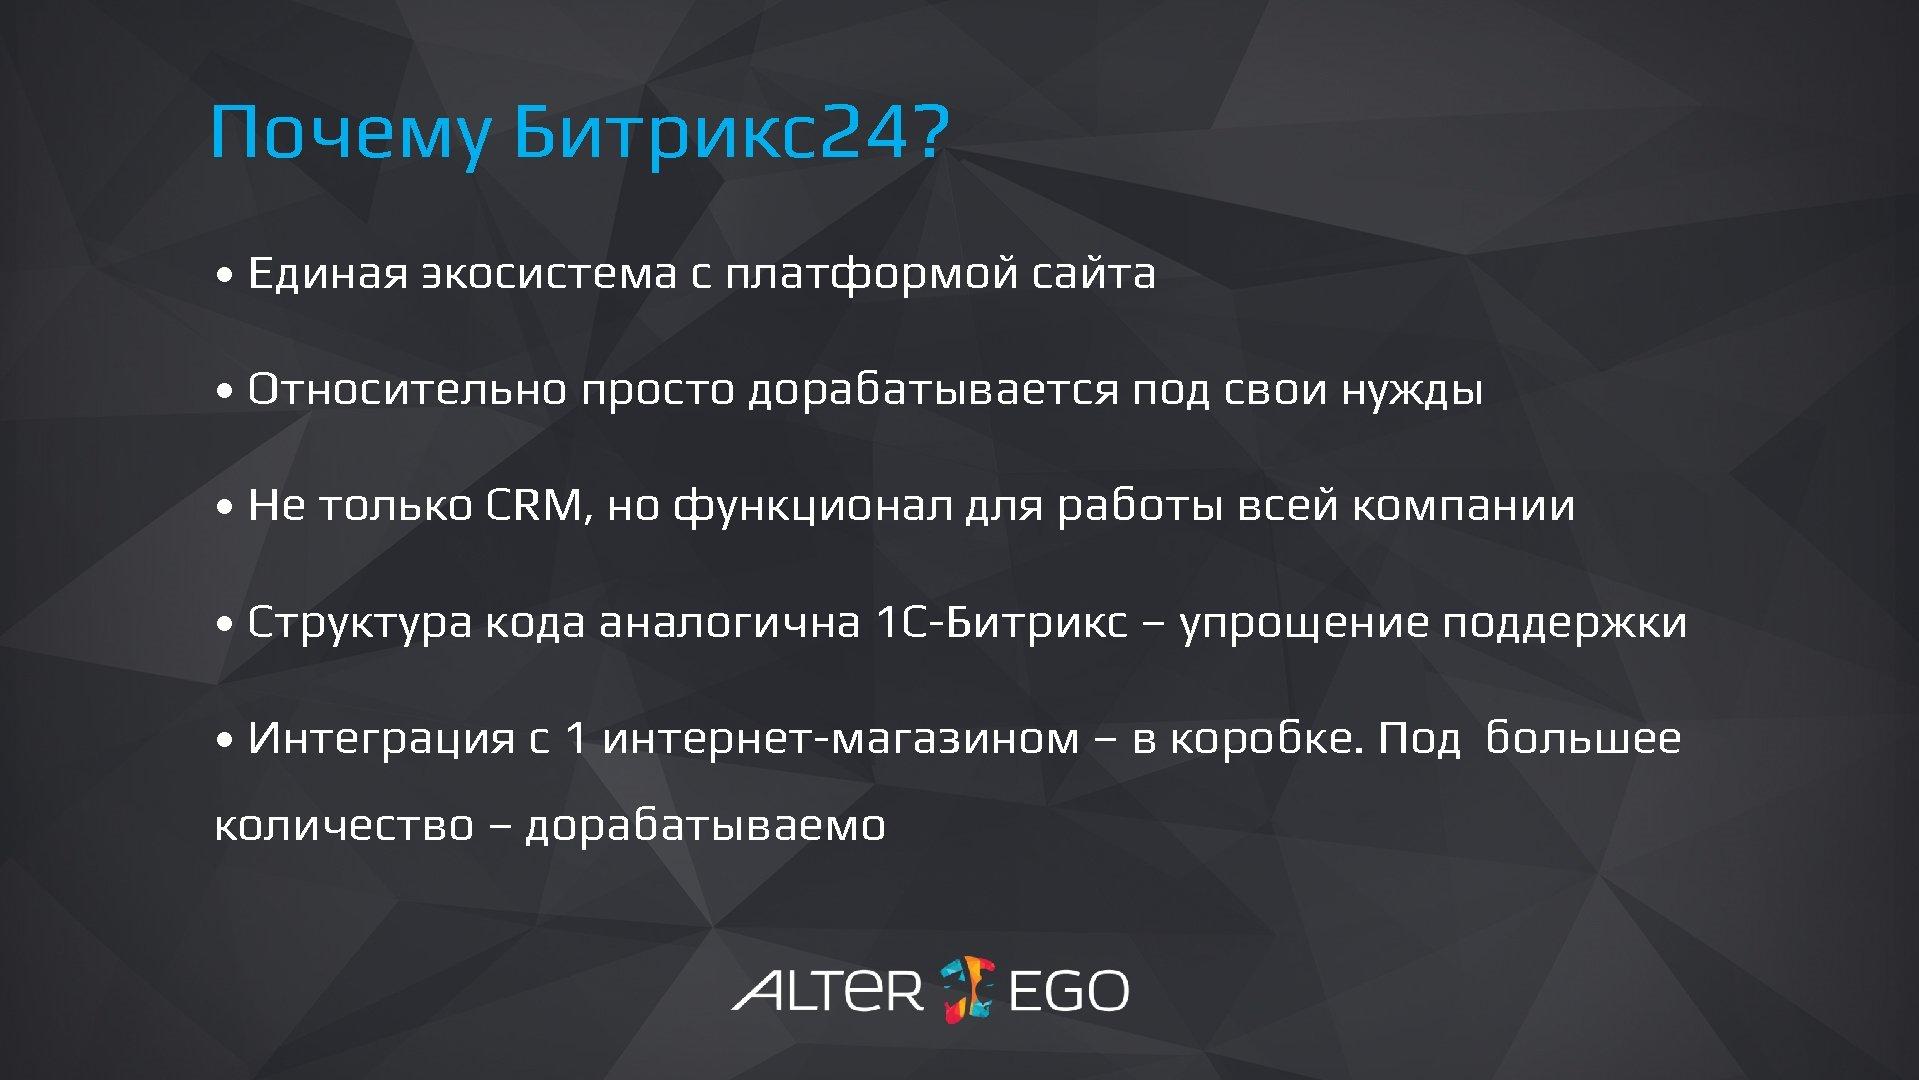 Почему Битрикс24? • Единая экосистема с платформой сайта • Относительно просто дорабатывается под свои